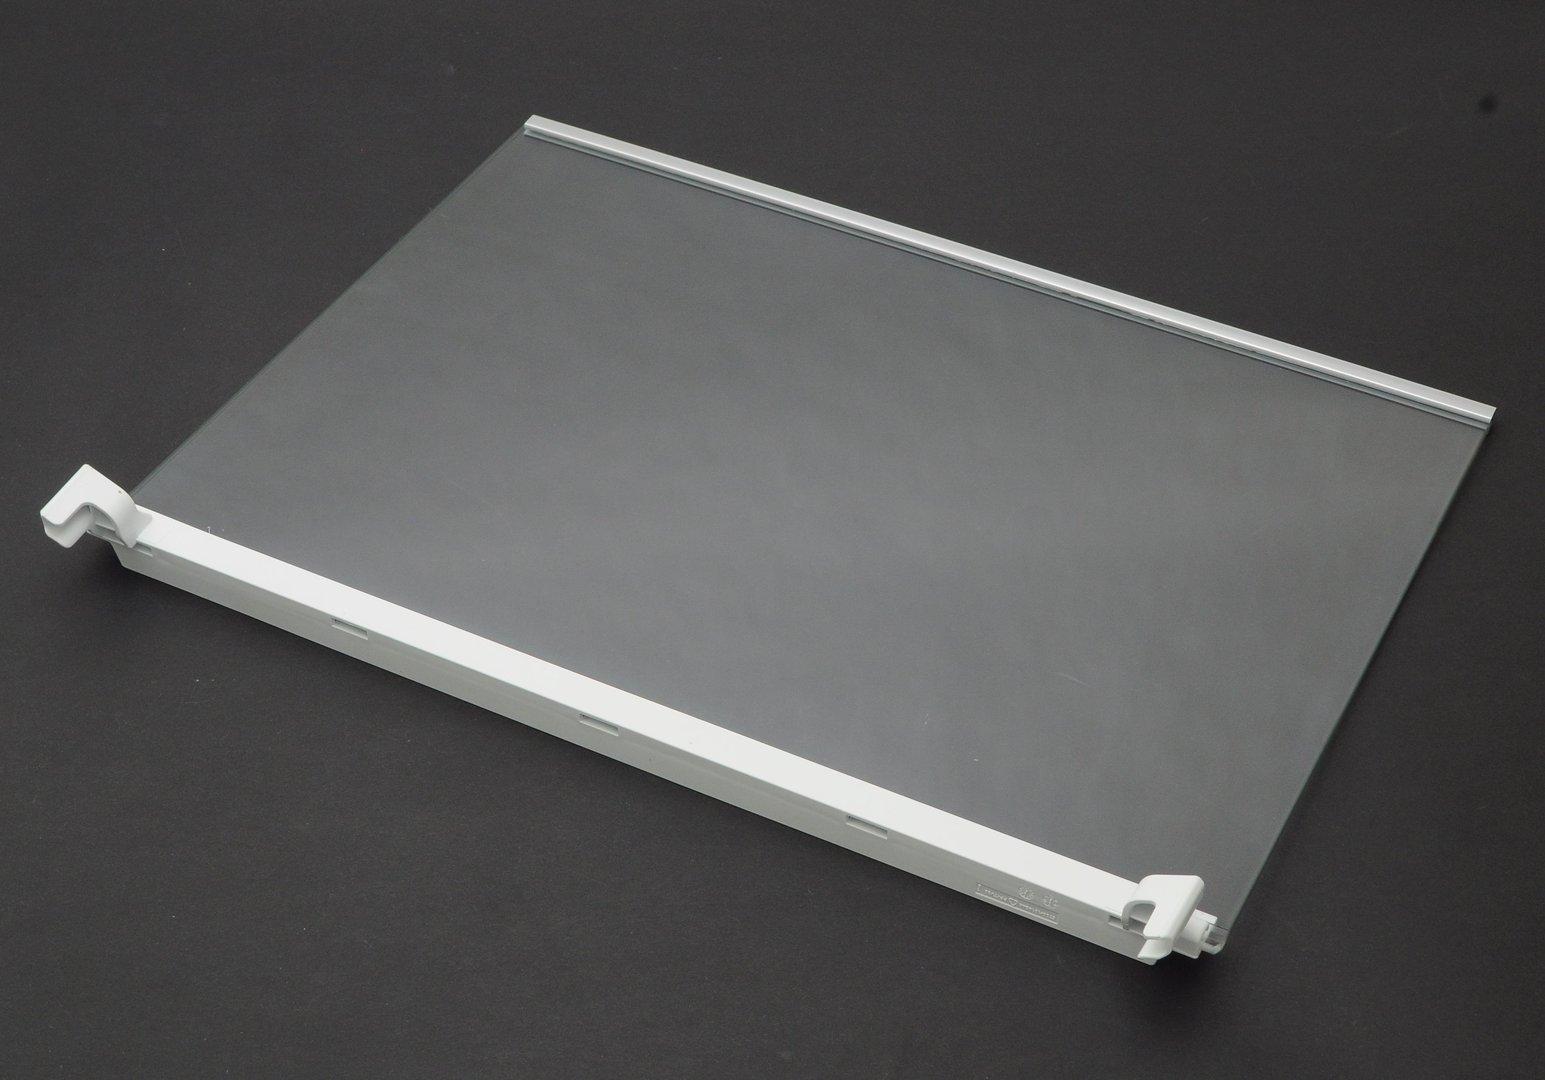 Siemens Kühlschrank Fach : Bosch siemens glasplatte einlegeboden kühlschrank 459x348mm